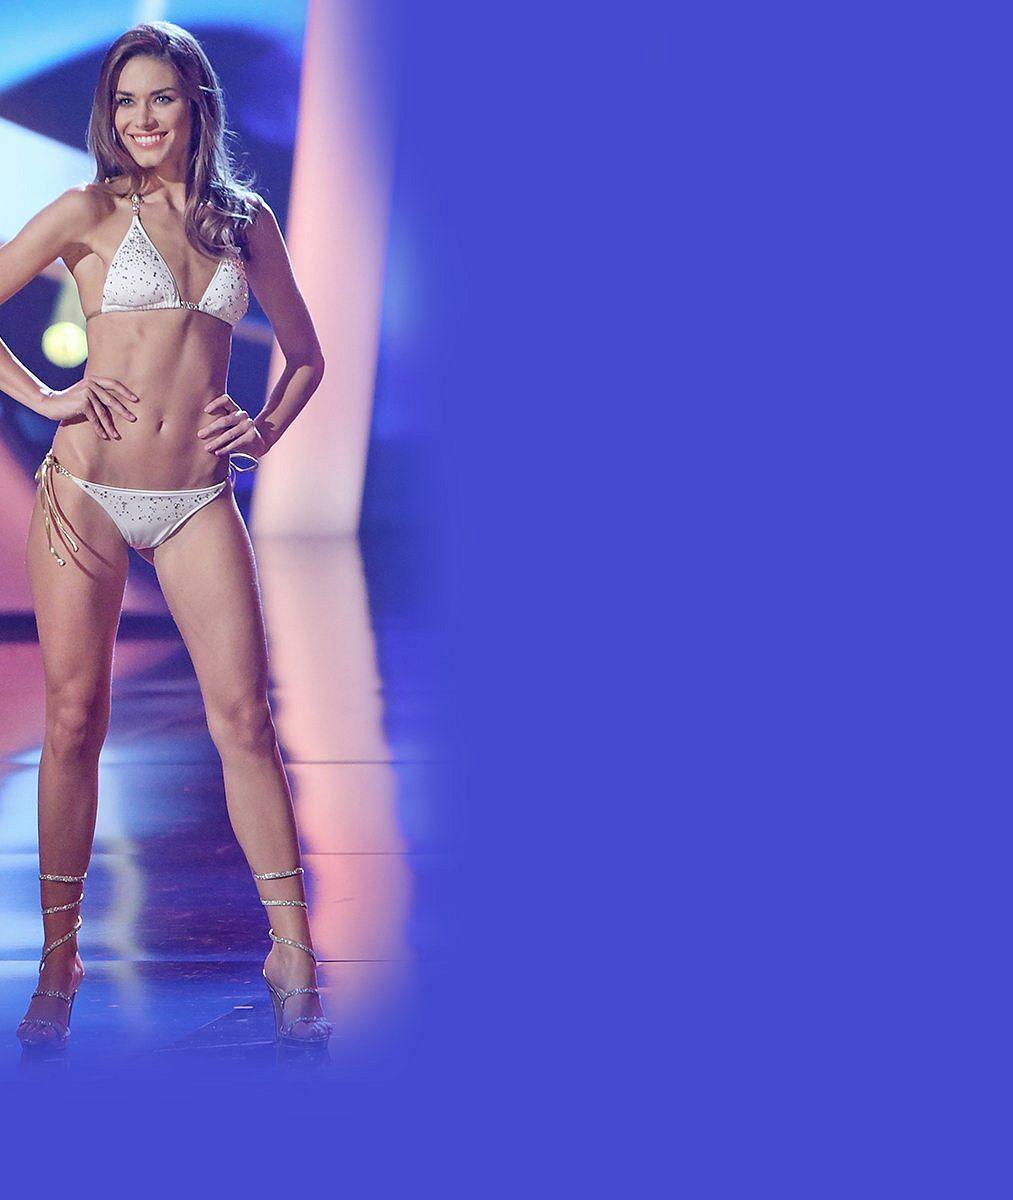 Před dvěma měsíci si nechala zvětšit vnady: Nejkrásnější dívka světa Karolína Kokešová ukázala výsledek vbikinách